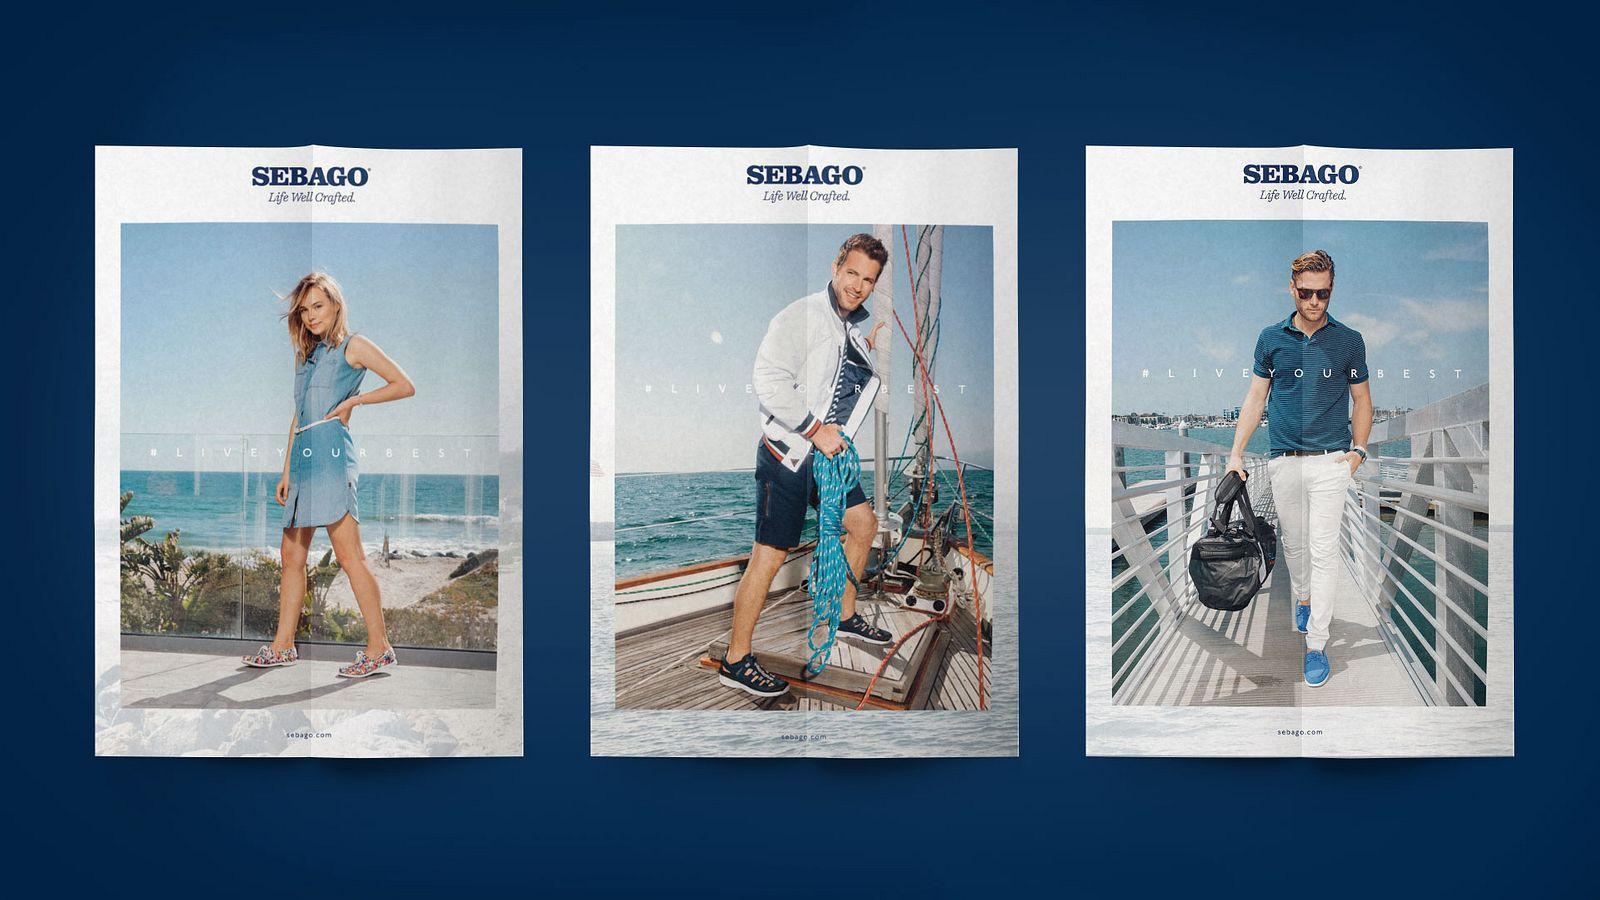 Sebago print ads, designed by Someoddpilot